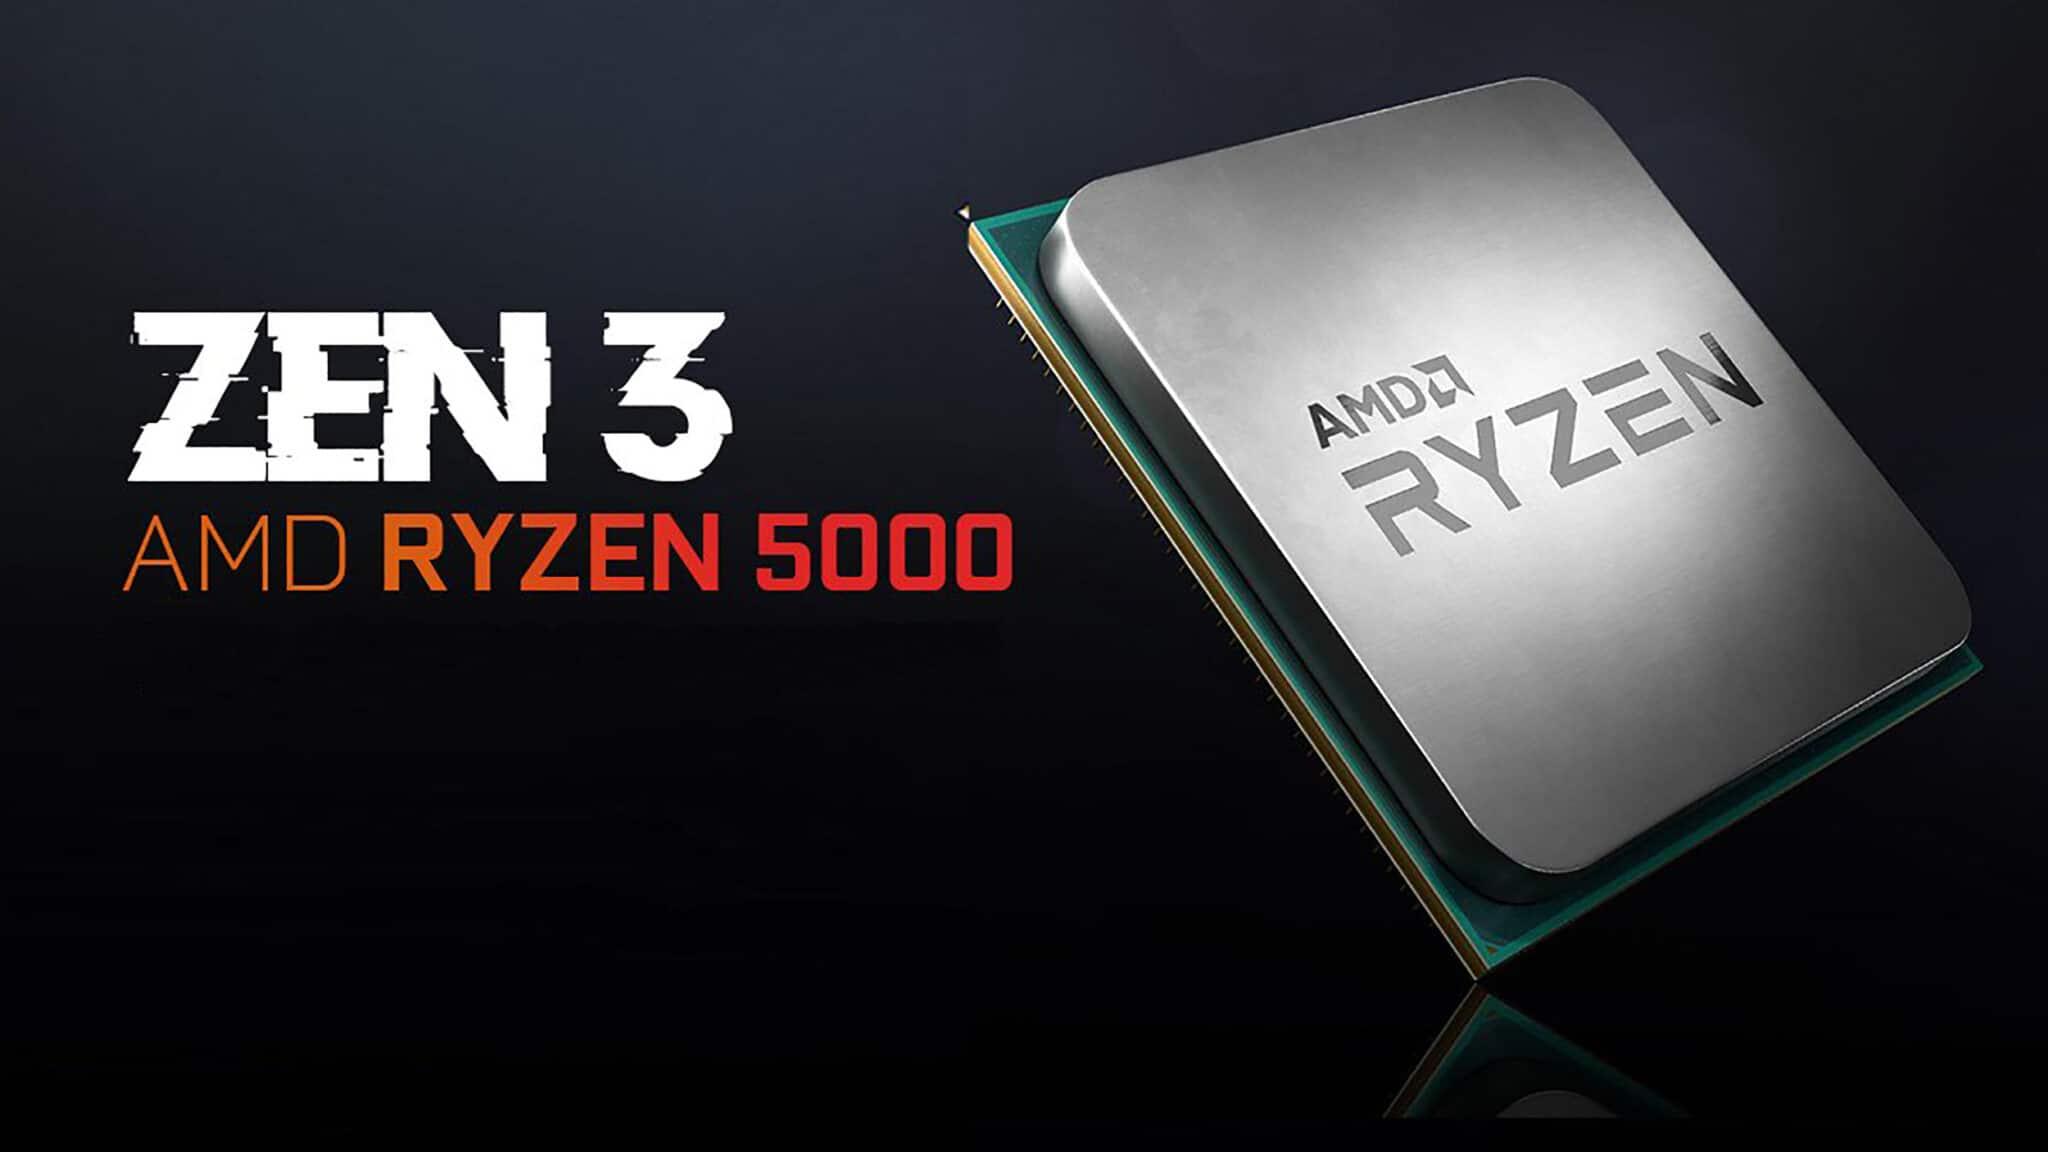 ORIGIN PC Desktops Now Equipped with AMD Ryzen 5000 Series Processor